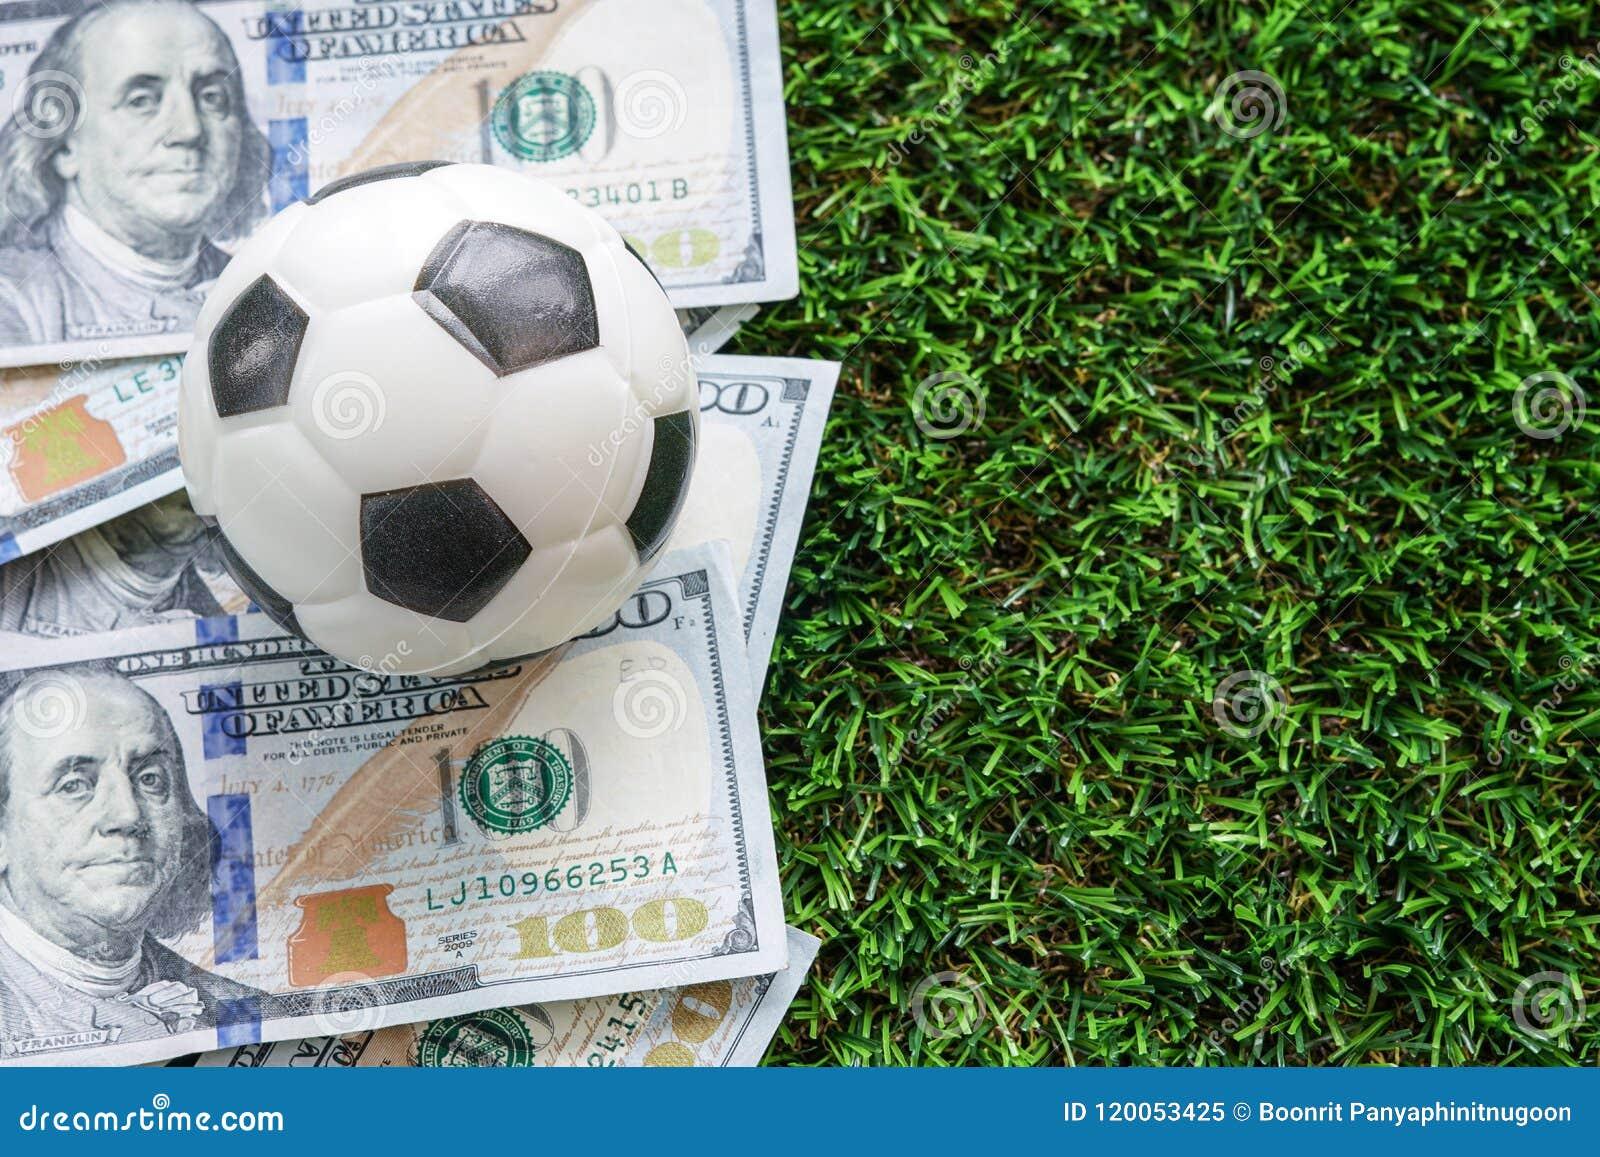 橄榄球企业概念:在美金和绿色的一fooball